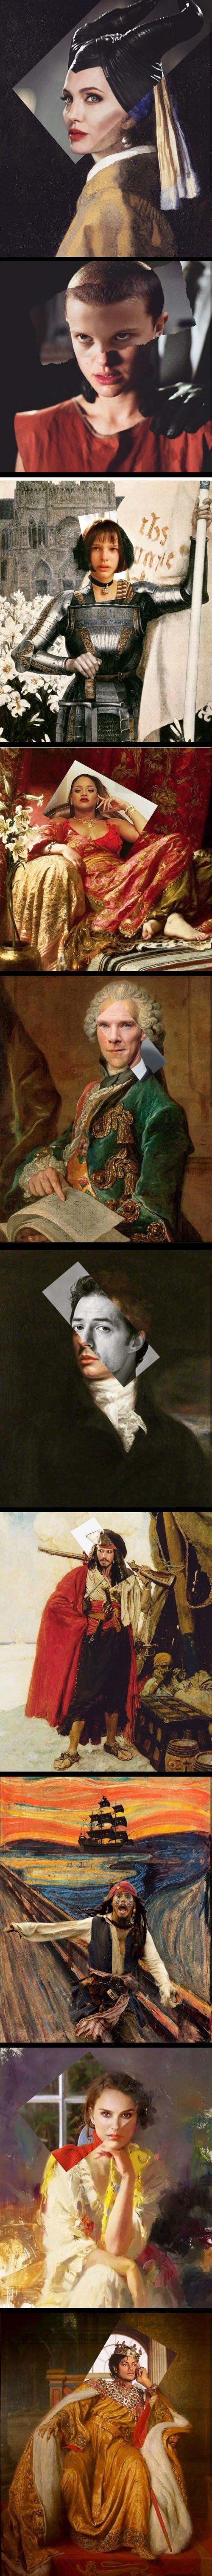 Meme_otros - Ponen la cara de varios famosos en cuadros megafamosos y el resultado es sorprendente